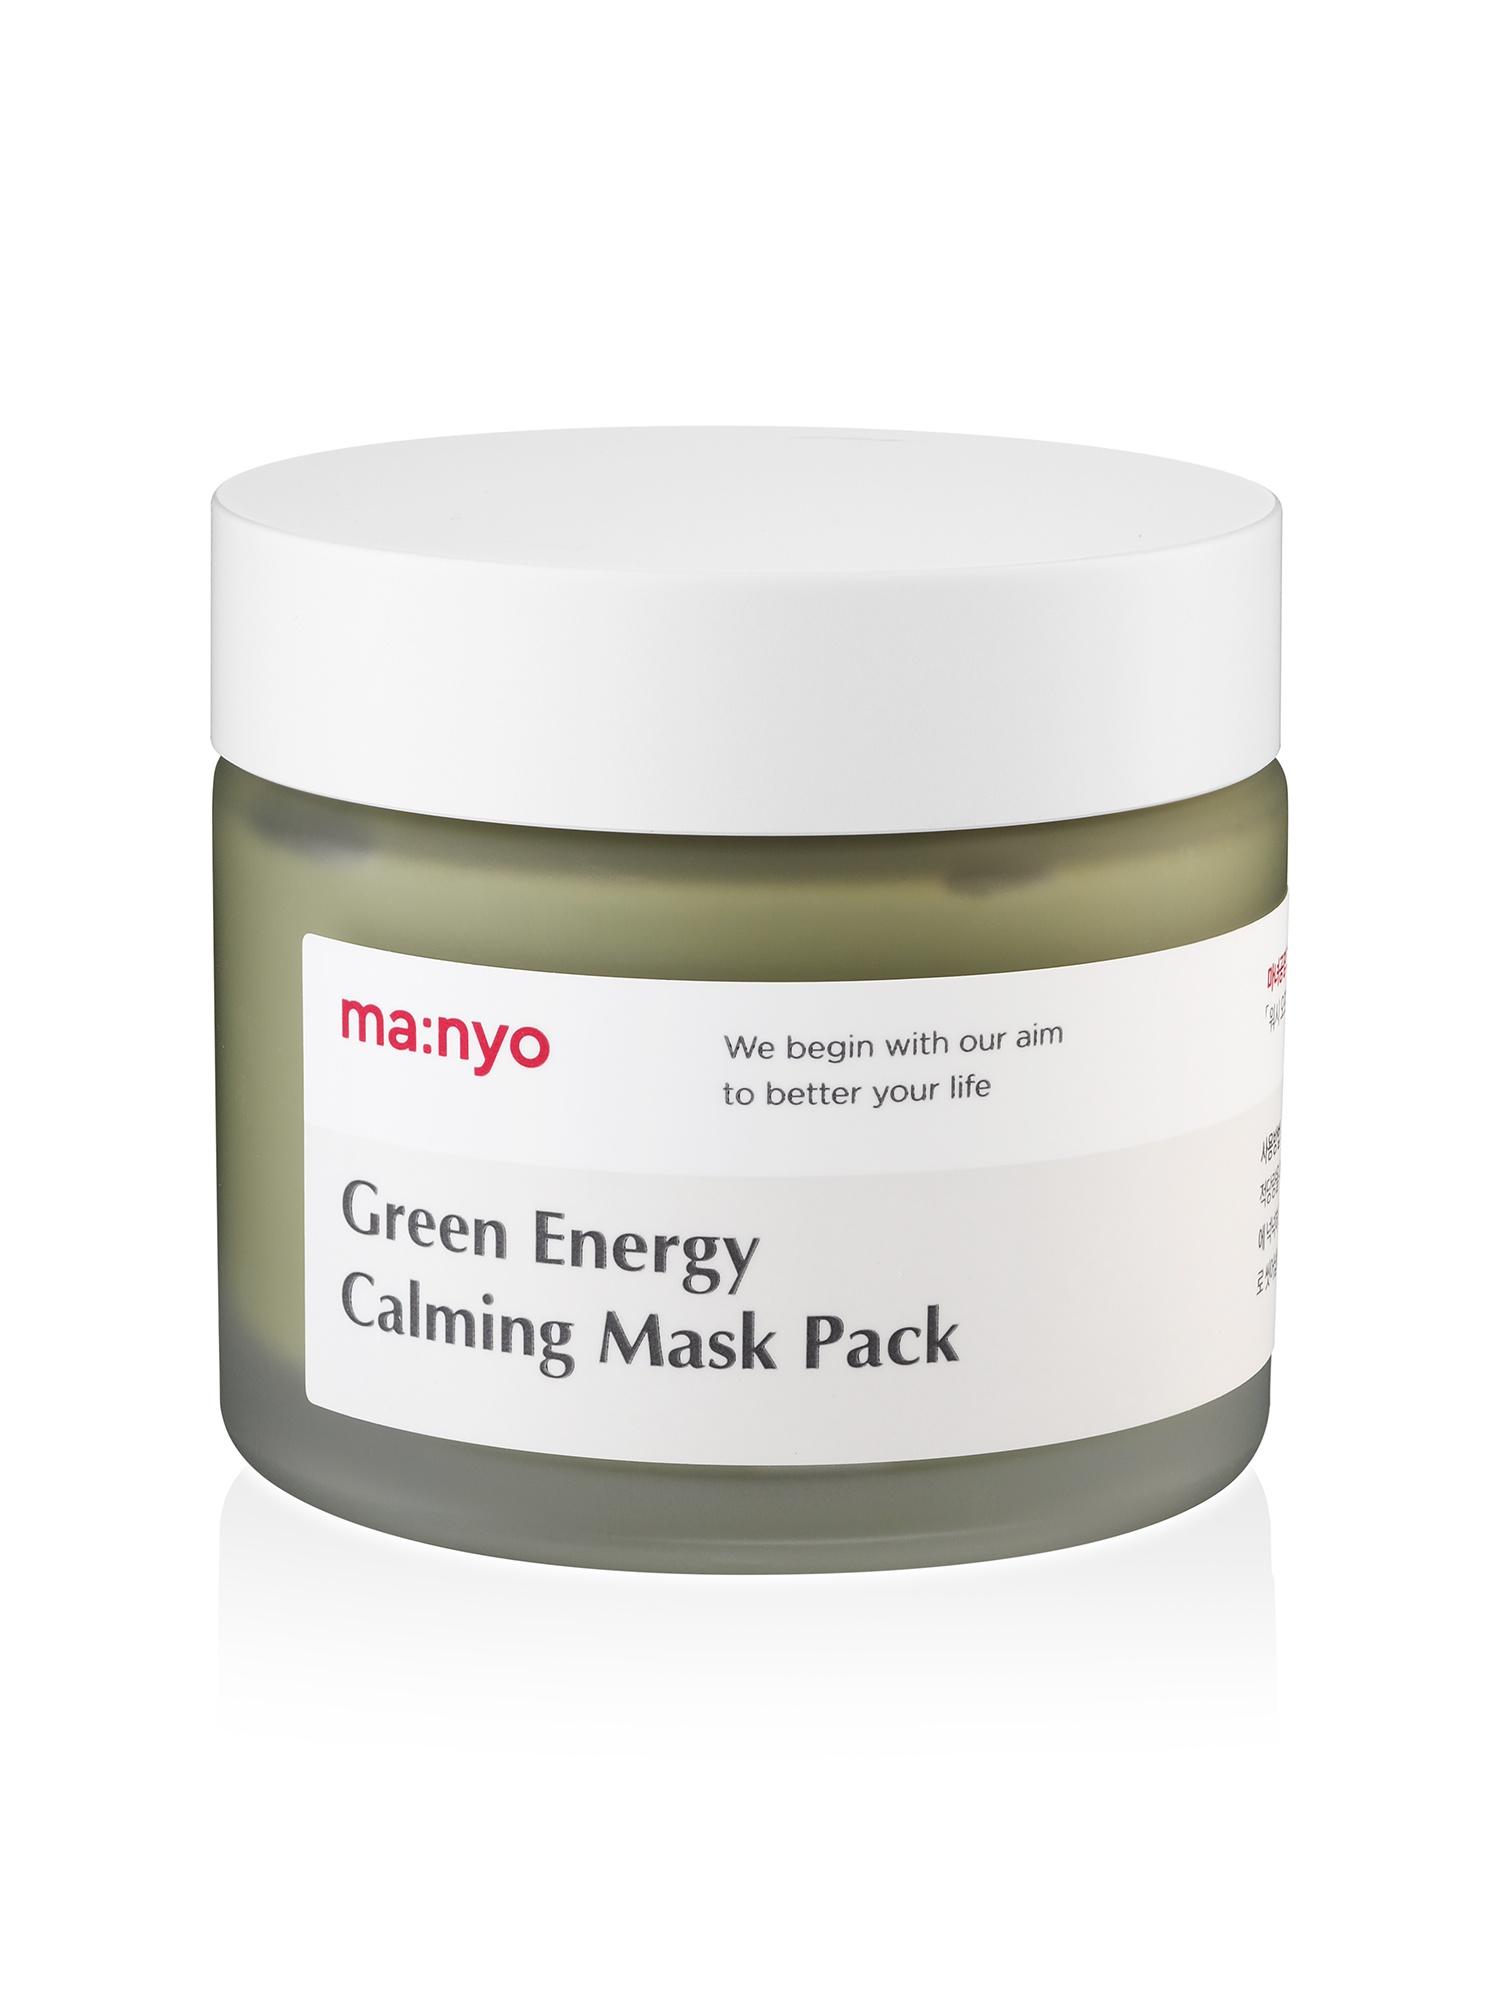 Успокаивающая маска для лица с экстрактом зеленого чая Manyo Green energy calming mask pack